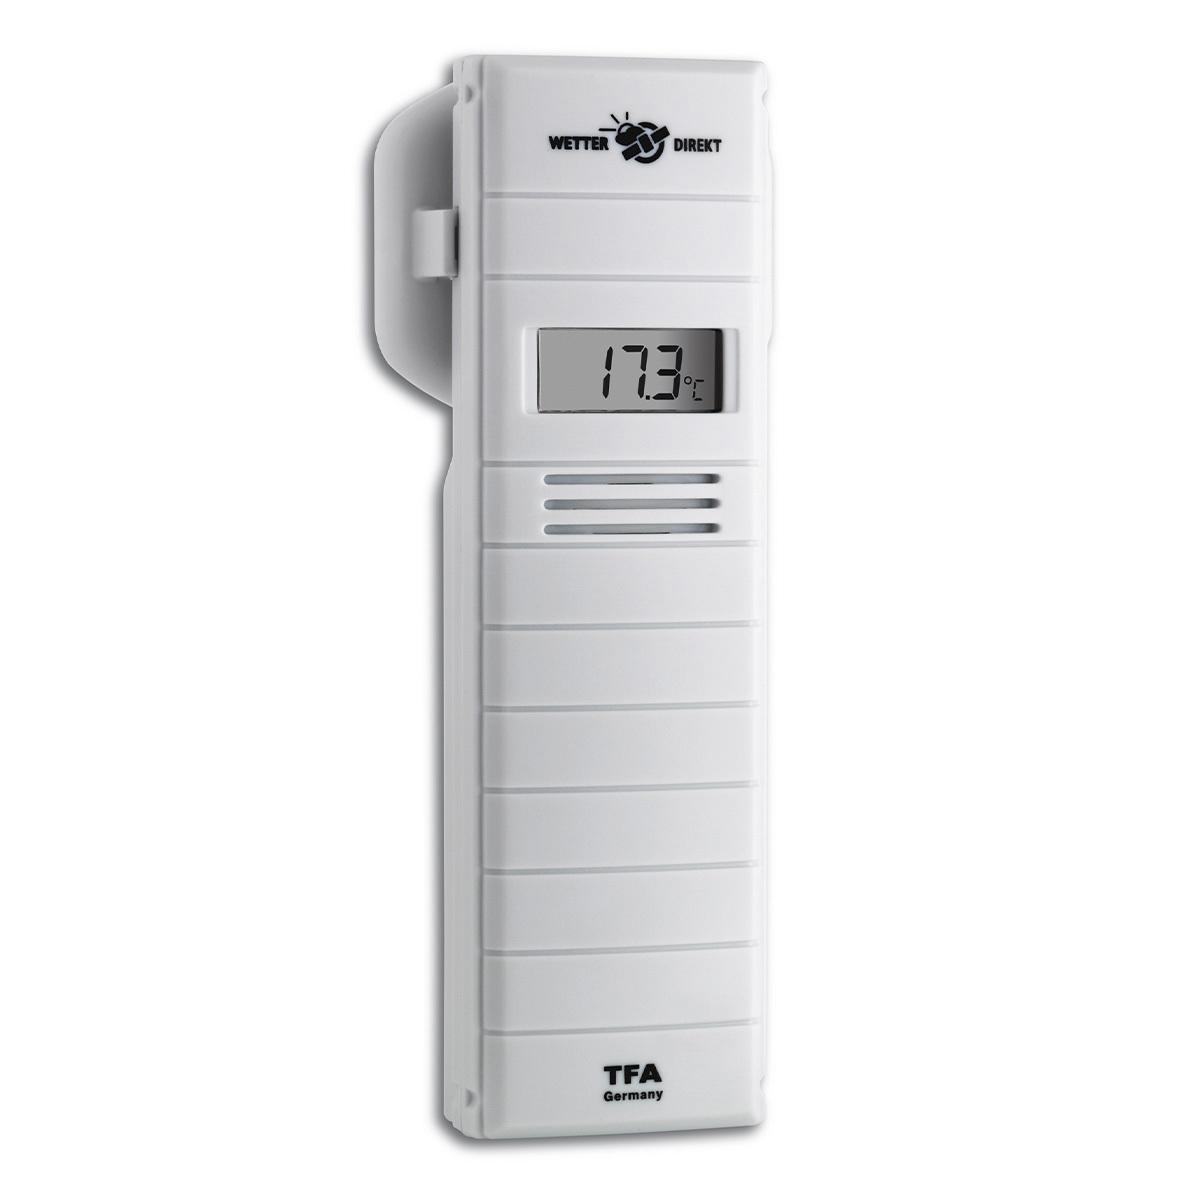 30-3155-wd-thermo-hygro-sender-wetterdirekt-1200x1200px.jpg